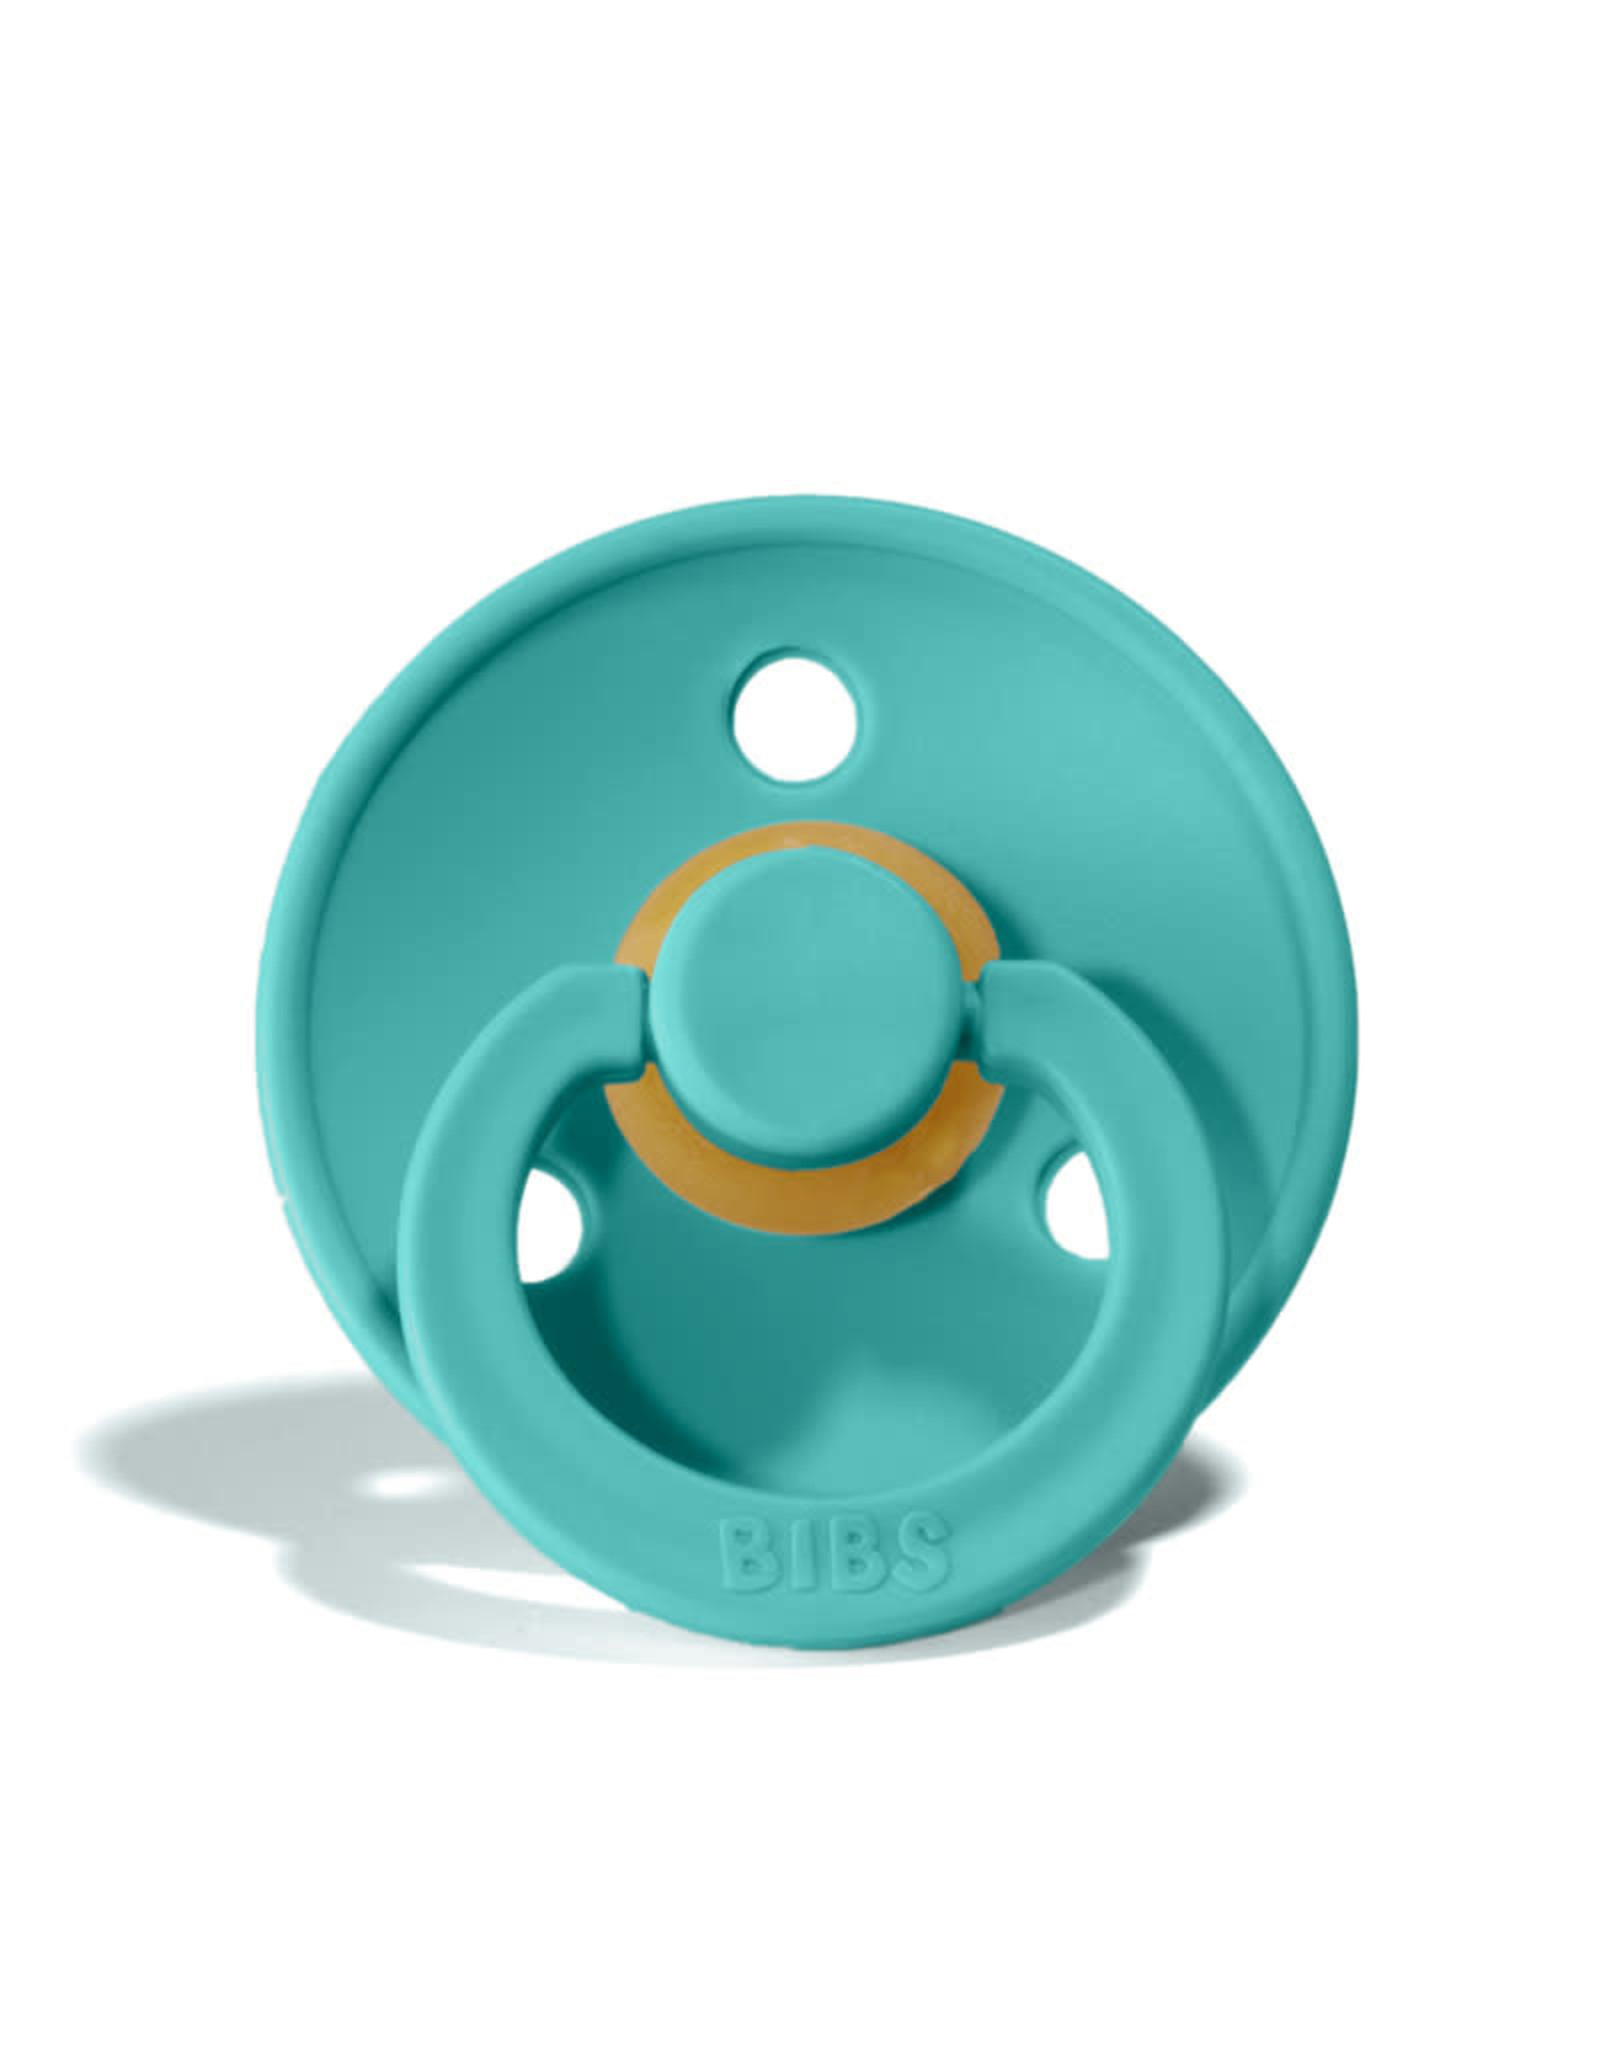 Bibs Fopspeen Turquoise maat 1